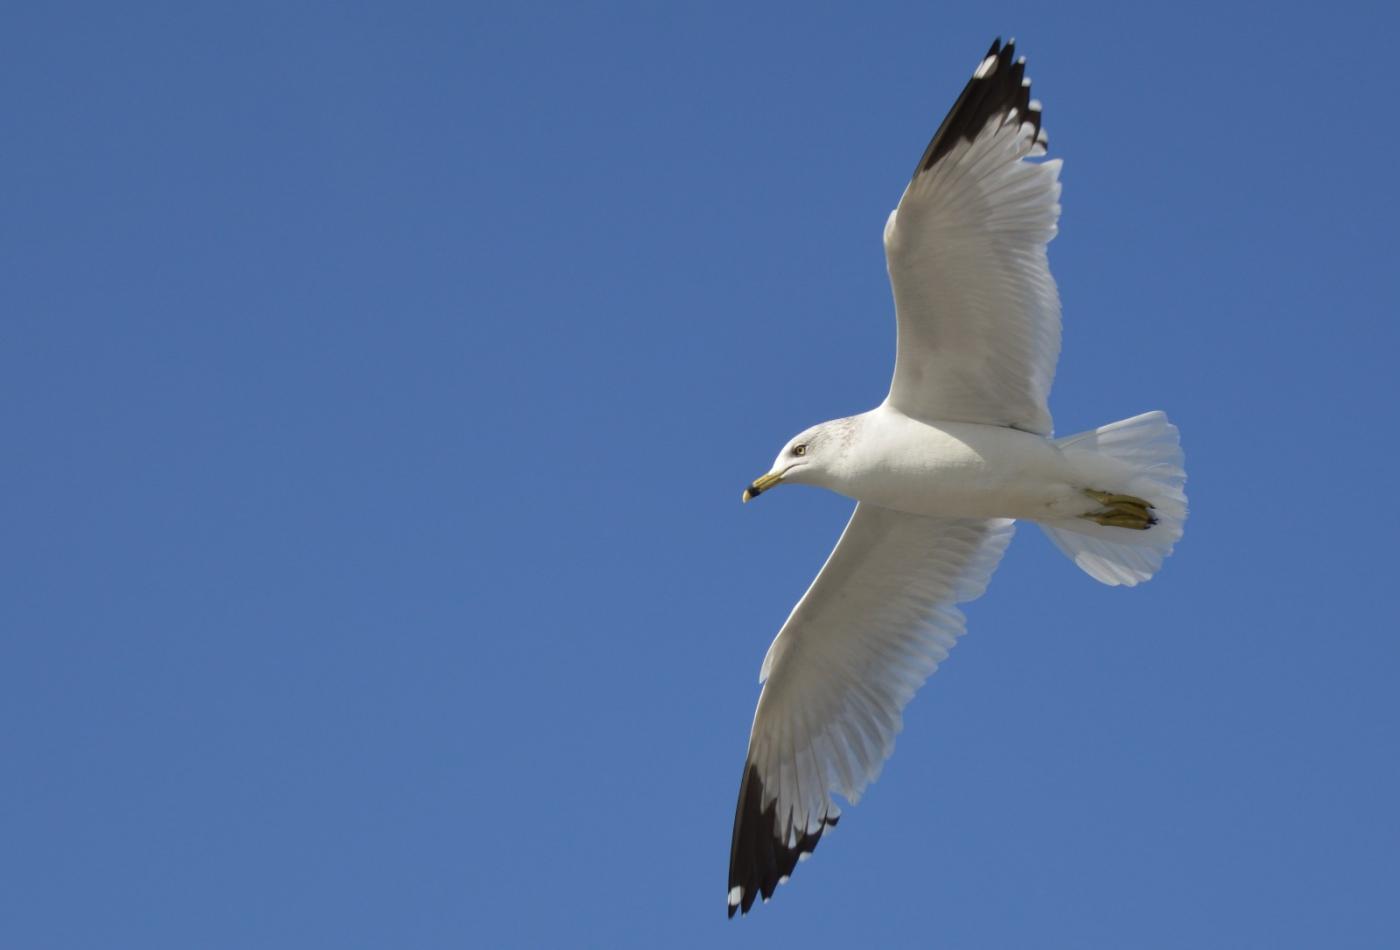 海鸥飞翔_图1-5